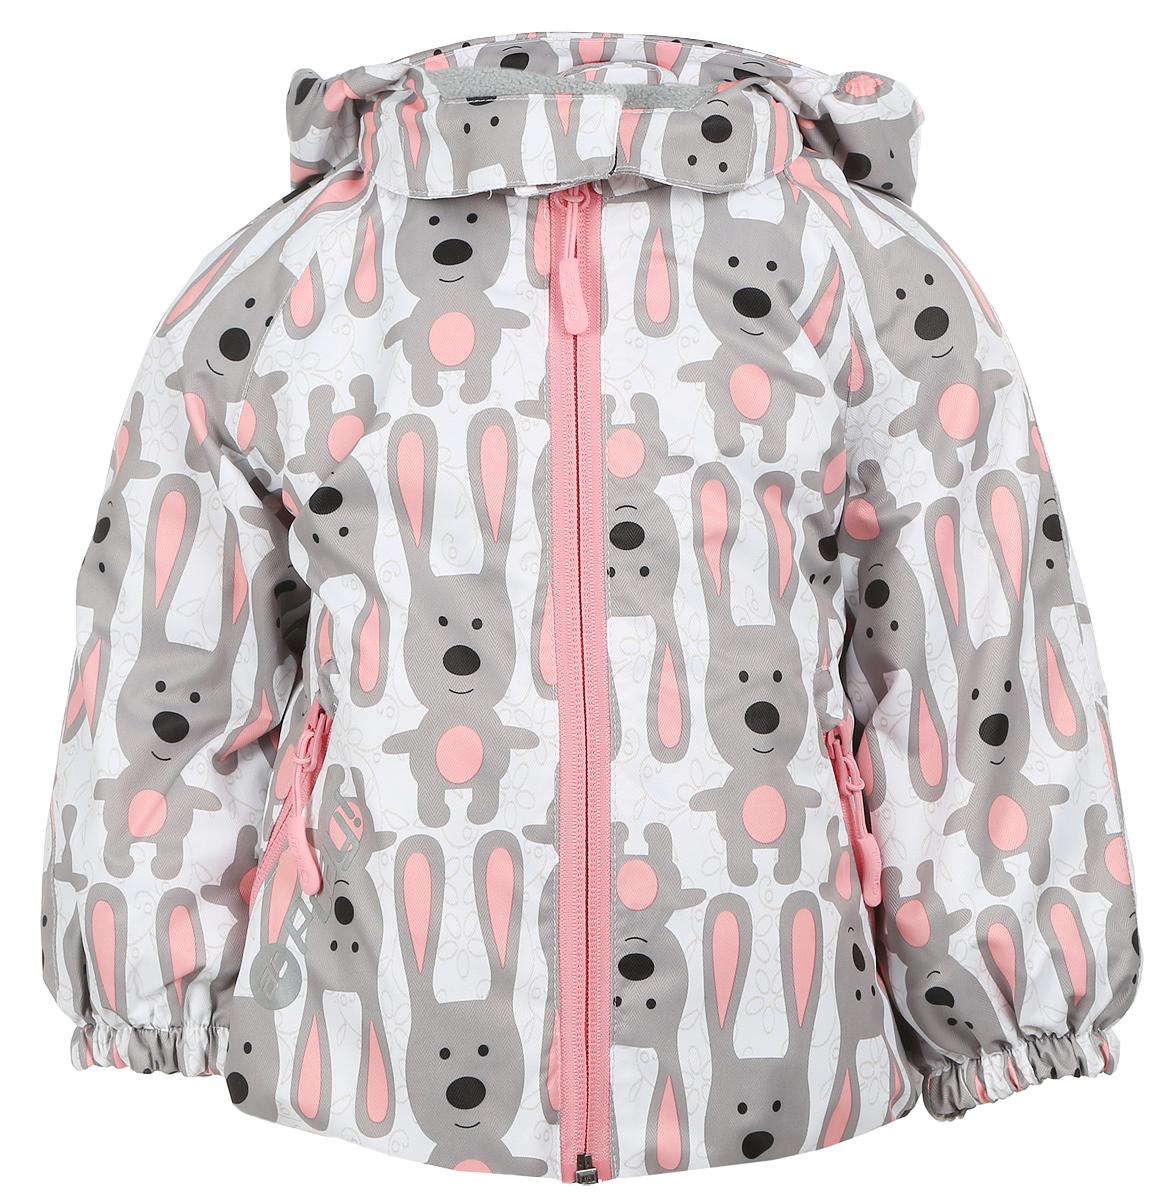 Куртка1jk703Удобная и комфортная куртка для девочки atPlay! выполнена из качественного полиэстера, с покрытием Teflon от DuPont, которое облегчает уход за этой одеждой. Дышащая способность: 5000г/м и водонепроницаемость куртки: 5000мм. Куртка 2 в 1 с отстегивающейся флисовой поддевкой- кофточкой из материала Polar fleese, которая служит как утеплитель, а также ее можно носить отдельно. Такая кофточка отличное решение для весеннего периода, к тому же она изготовлена с антипиллинговой обработкой ворса для сохранения качественных характеристик на более длительный срок. Куртка с воротником-стойкой и отстегивающимся капюшоном застегивается на молнию с защитой подбородка. Капюшон имеет спереди защитный клапан на липучках. Манжеты рукавов, капюшон и низ изделия дополнены эластичными резинками. Спереди модель оформлена двумя прорезными карманами на застежках-молниях, с внутренней стороны на поддевке-кофточке расположены два накладных кармана. Куртка оснащена...